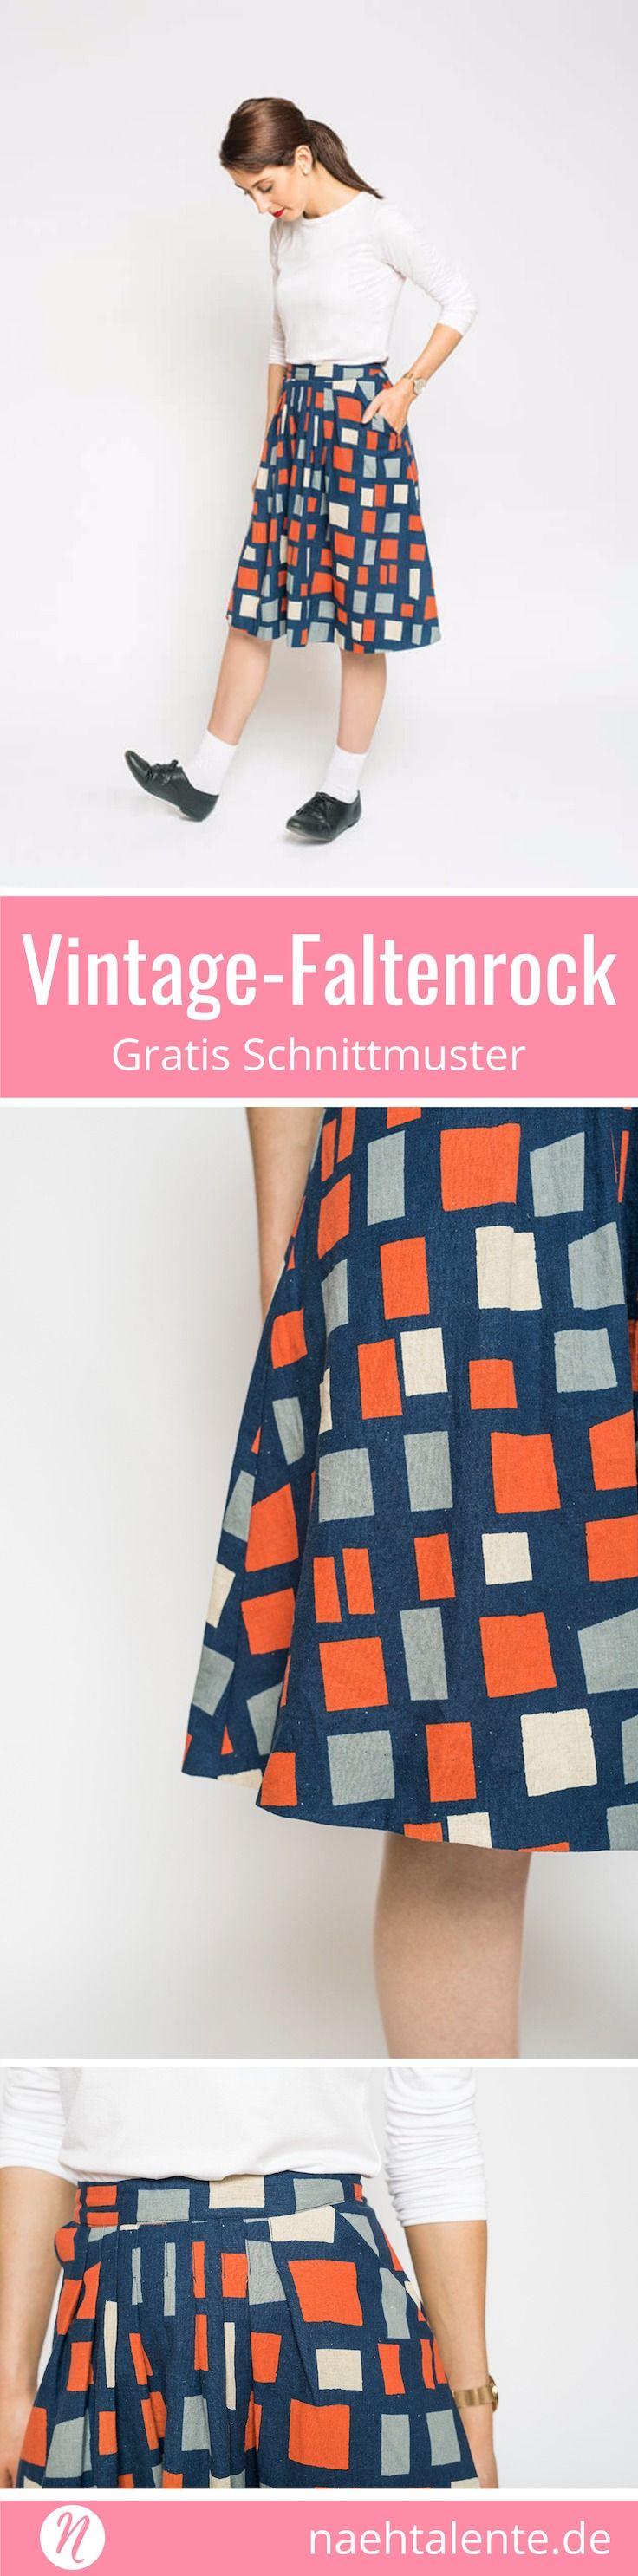 Faltenrock - Gratis Schnittmuster für einen Vintage-Faltenrock mit ausführlicher Nähanleitung. Für Baumwolle, Seide oder Leinen. Faltenrock einfach selber nähen. ✂️ Nähtalente - Das Magazin für Hobbyschneider/innen mit Schnittmuster-Datenbank ✂️Free sewing pattern for a Vintage Skirt ✂️ Nähtalente - Magazin for sewing and free sewing pattern ✂️ #nähen #freebook #schnittmuster #gratis #nähenmachtglücklich #freesewingpattern #handmade #diy via @Naehtalente